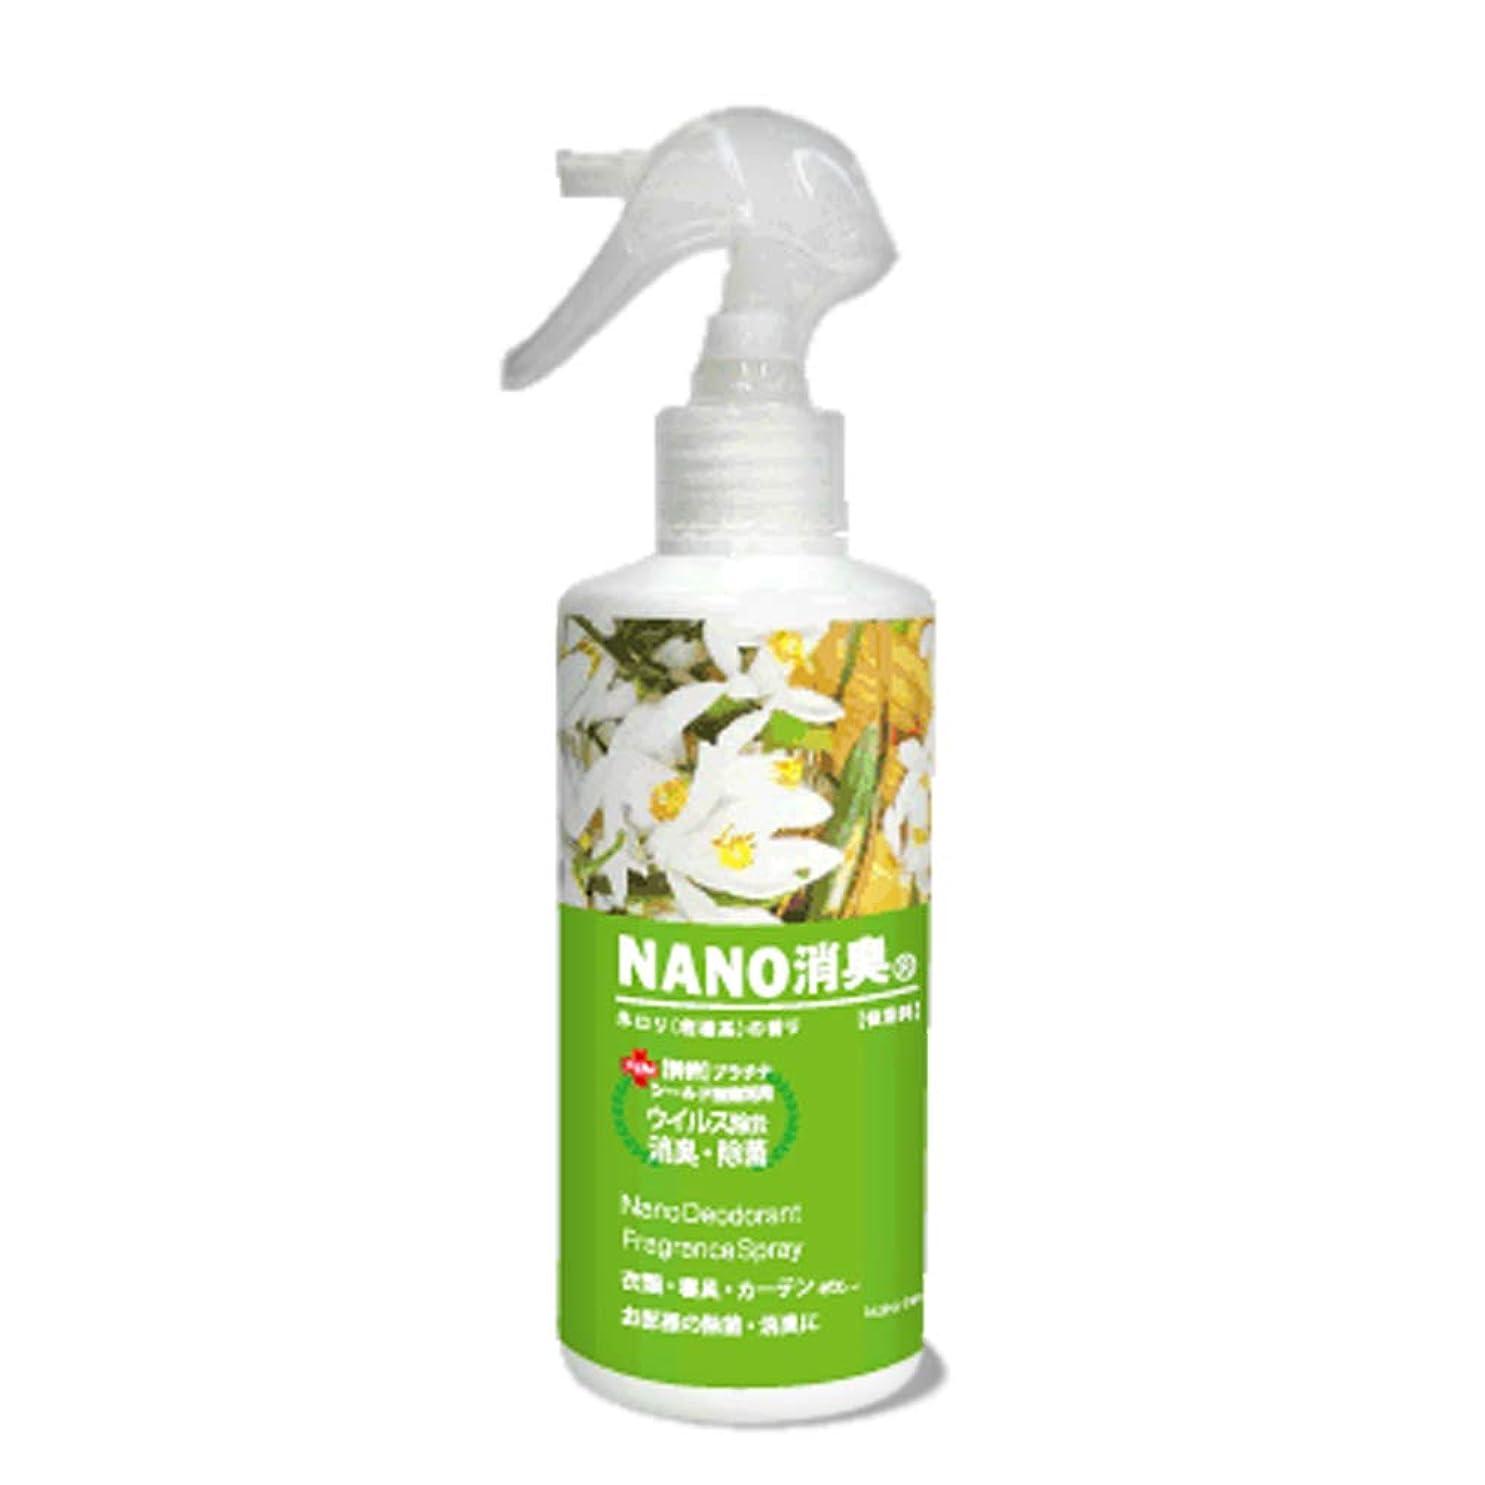 作家アレルギー性ストリームNANO消臭 スプレー マスク スプレー トイレ 消臭剤 芳香剤 (ネロリ)